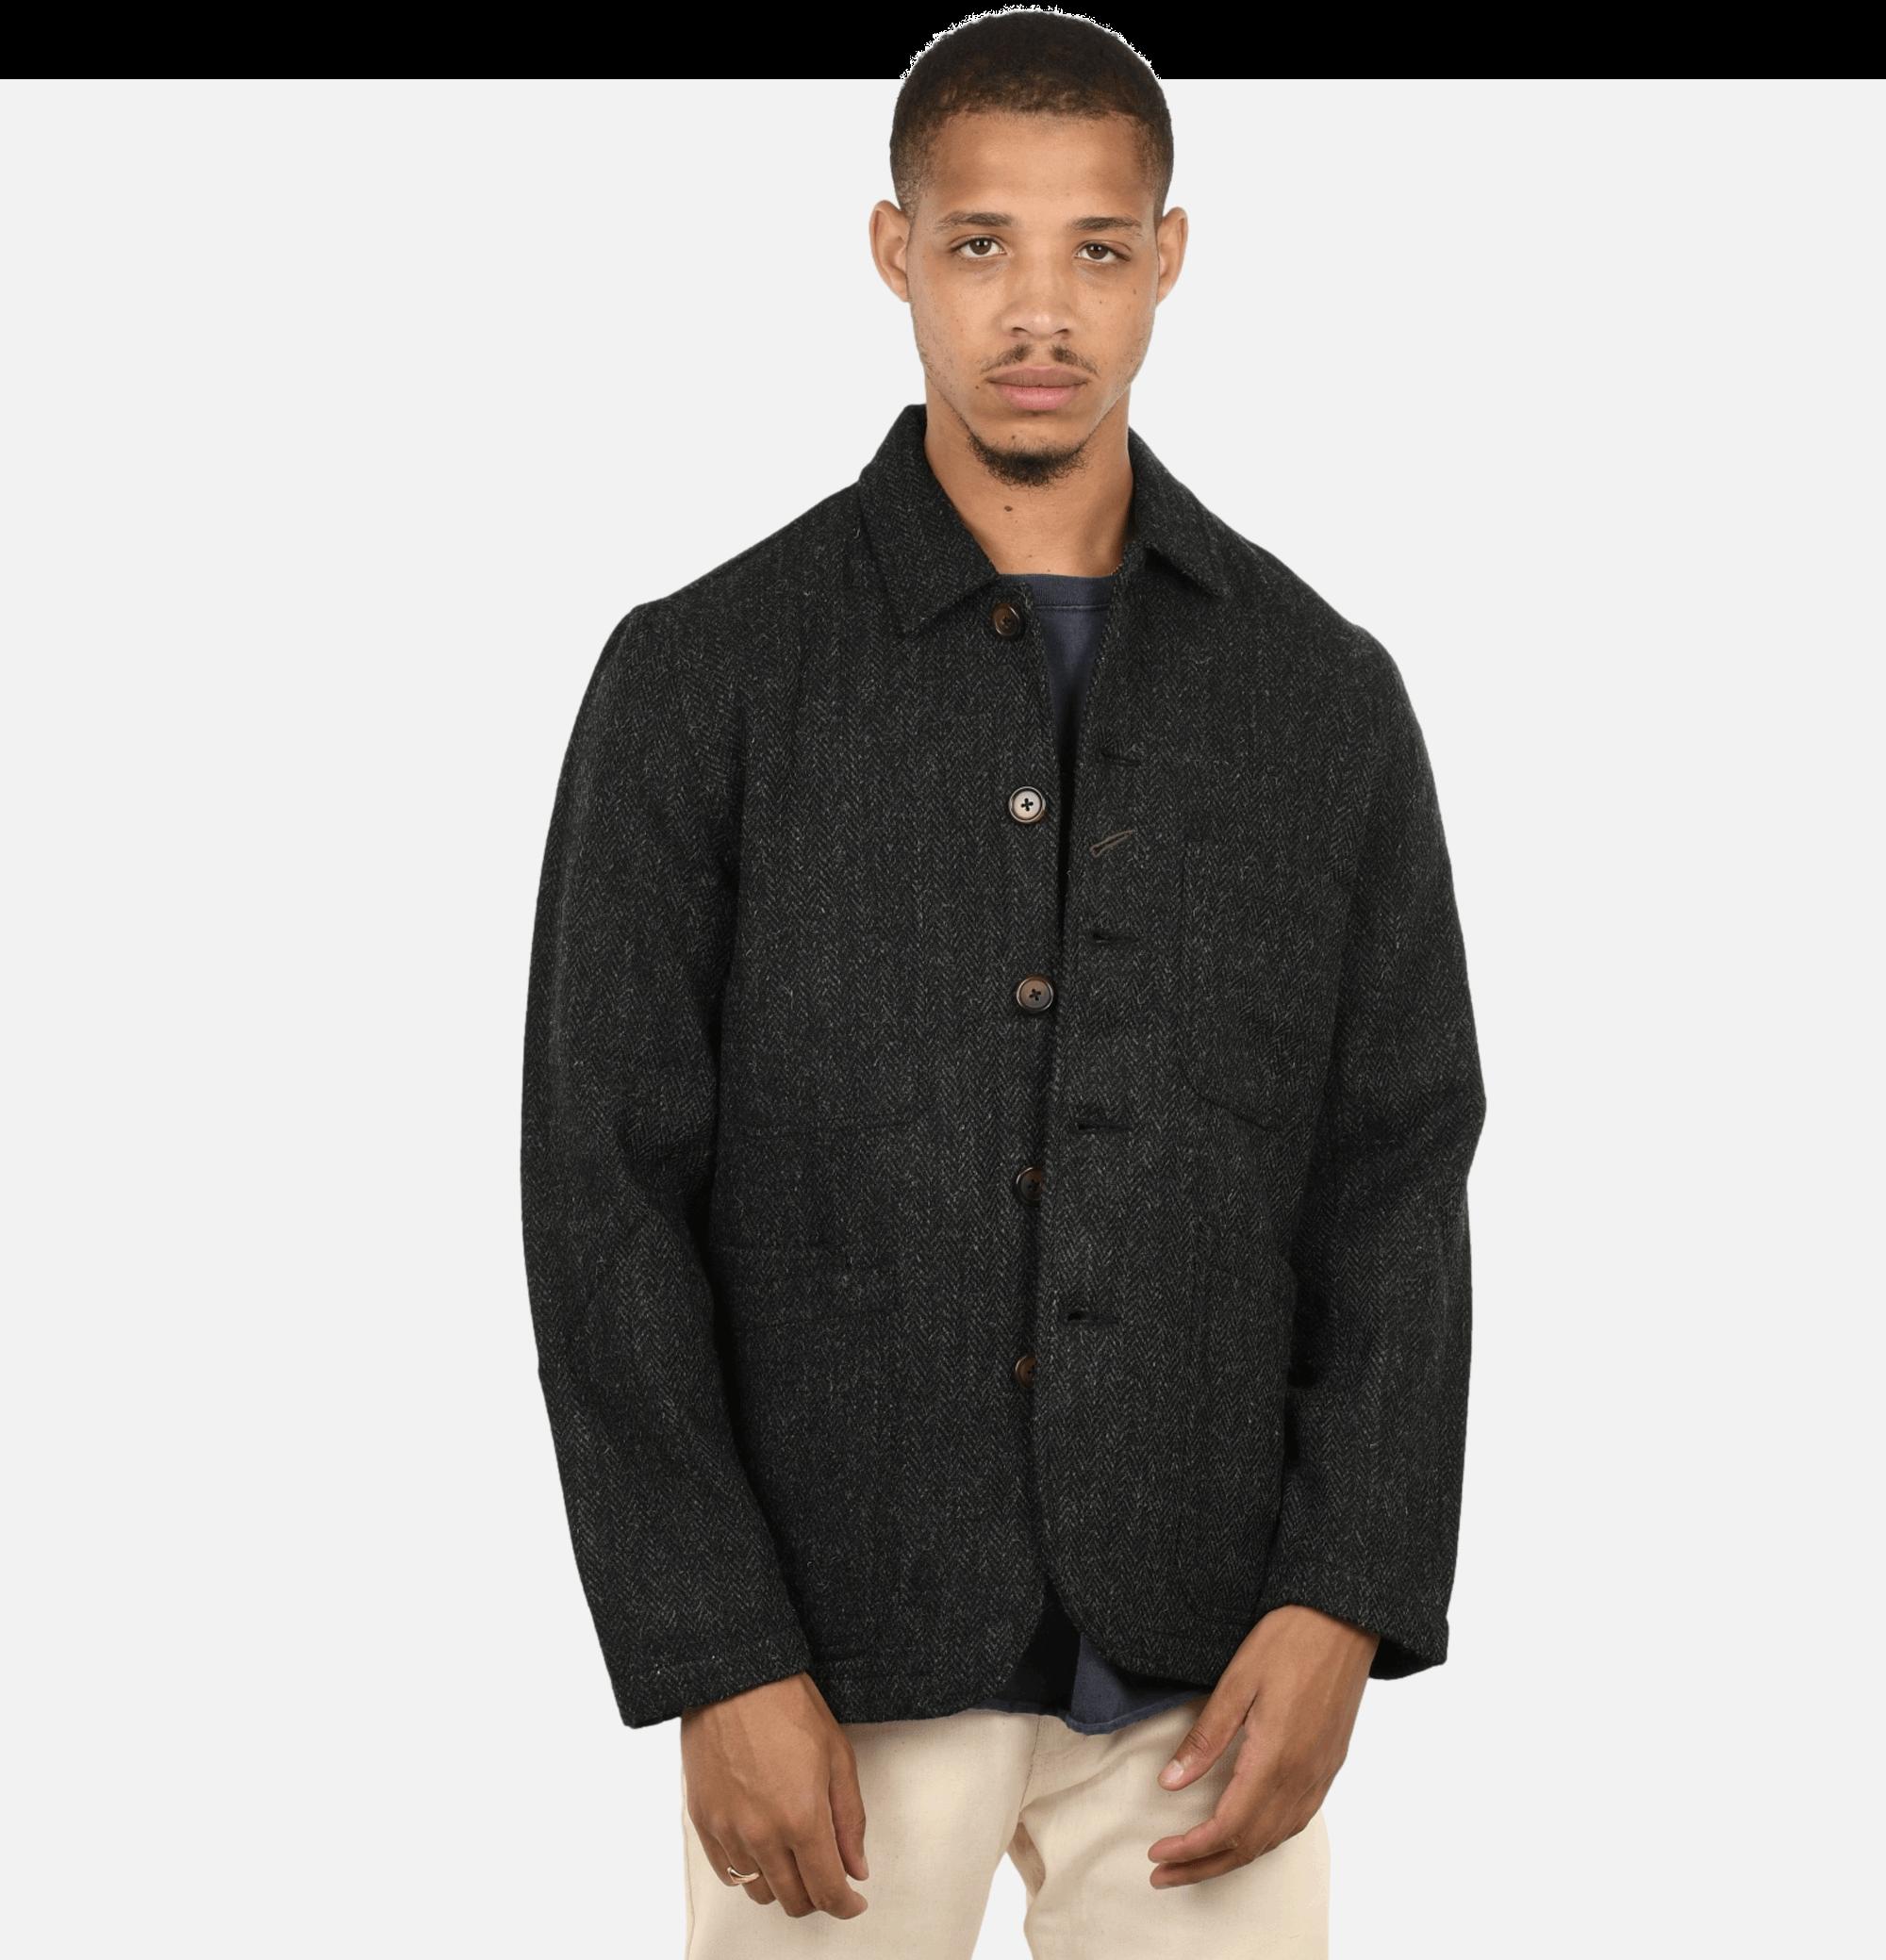 Bakers Jacket Tweed Charcoal